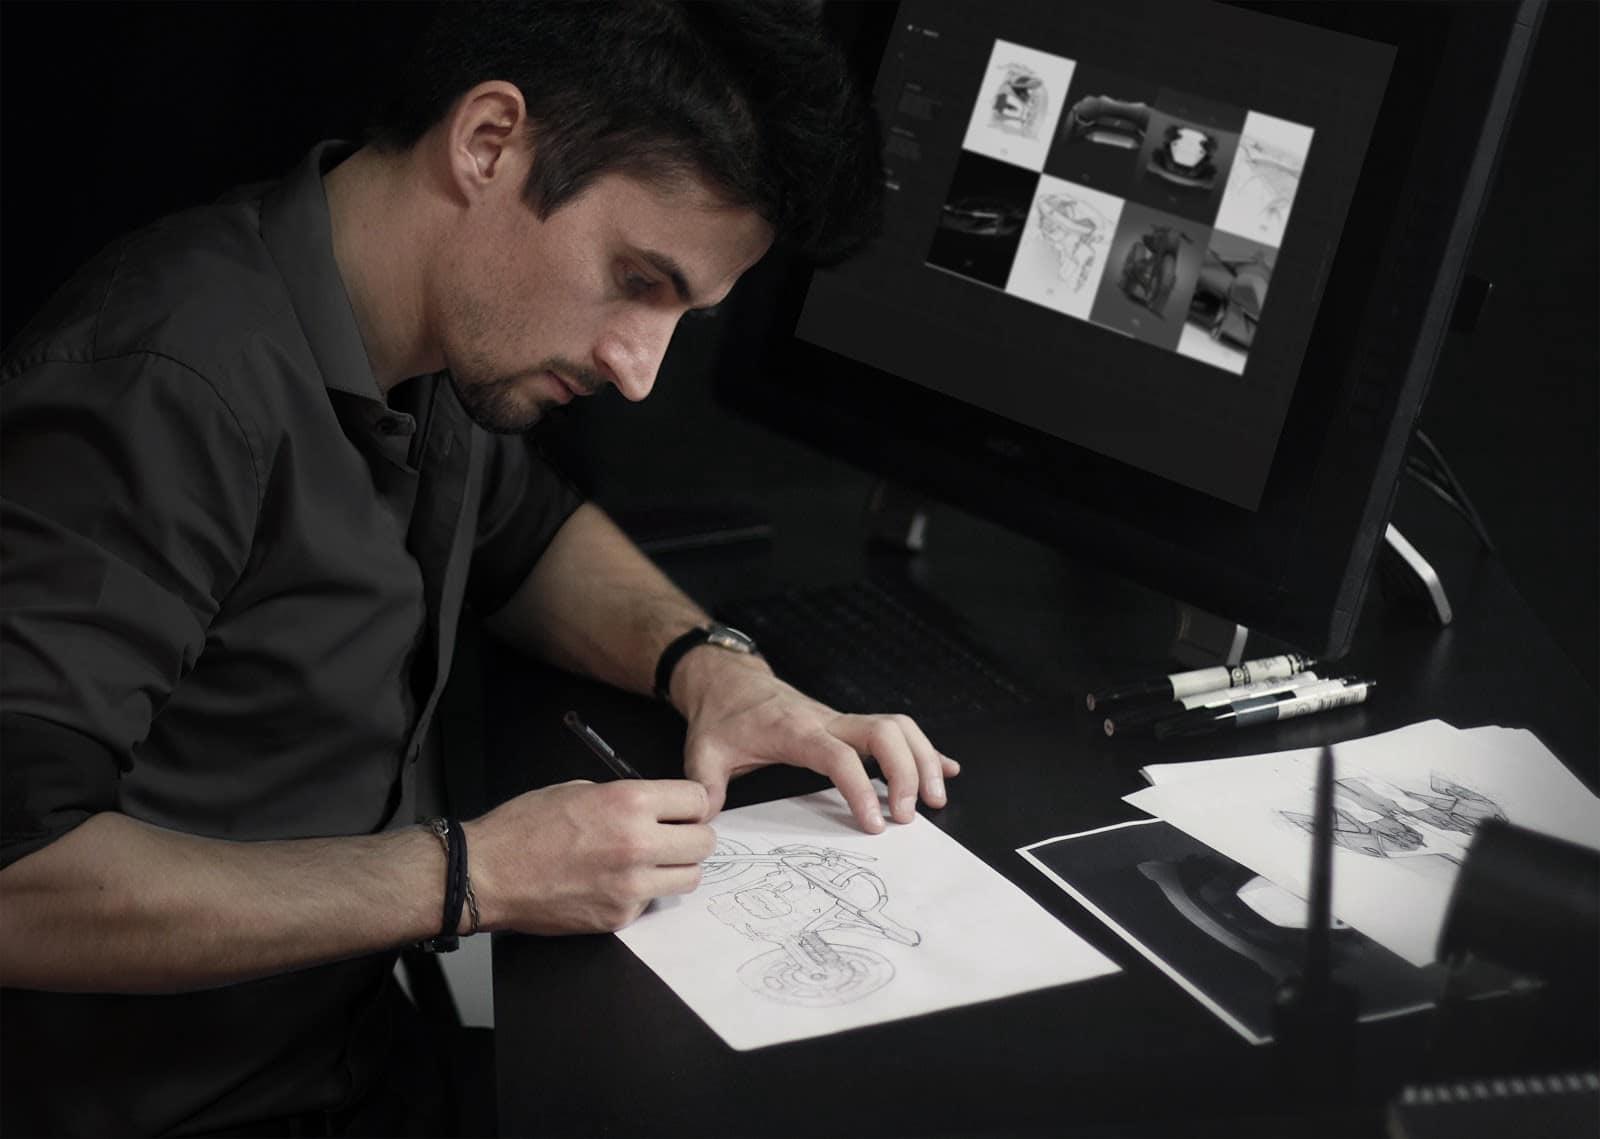 Gravity Sketch interviews Automotive Designer, Sydney Hardy